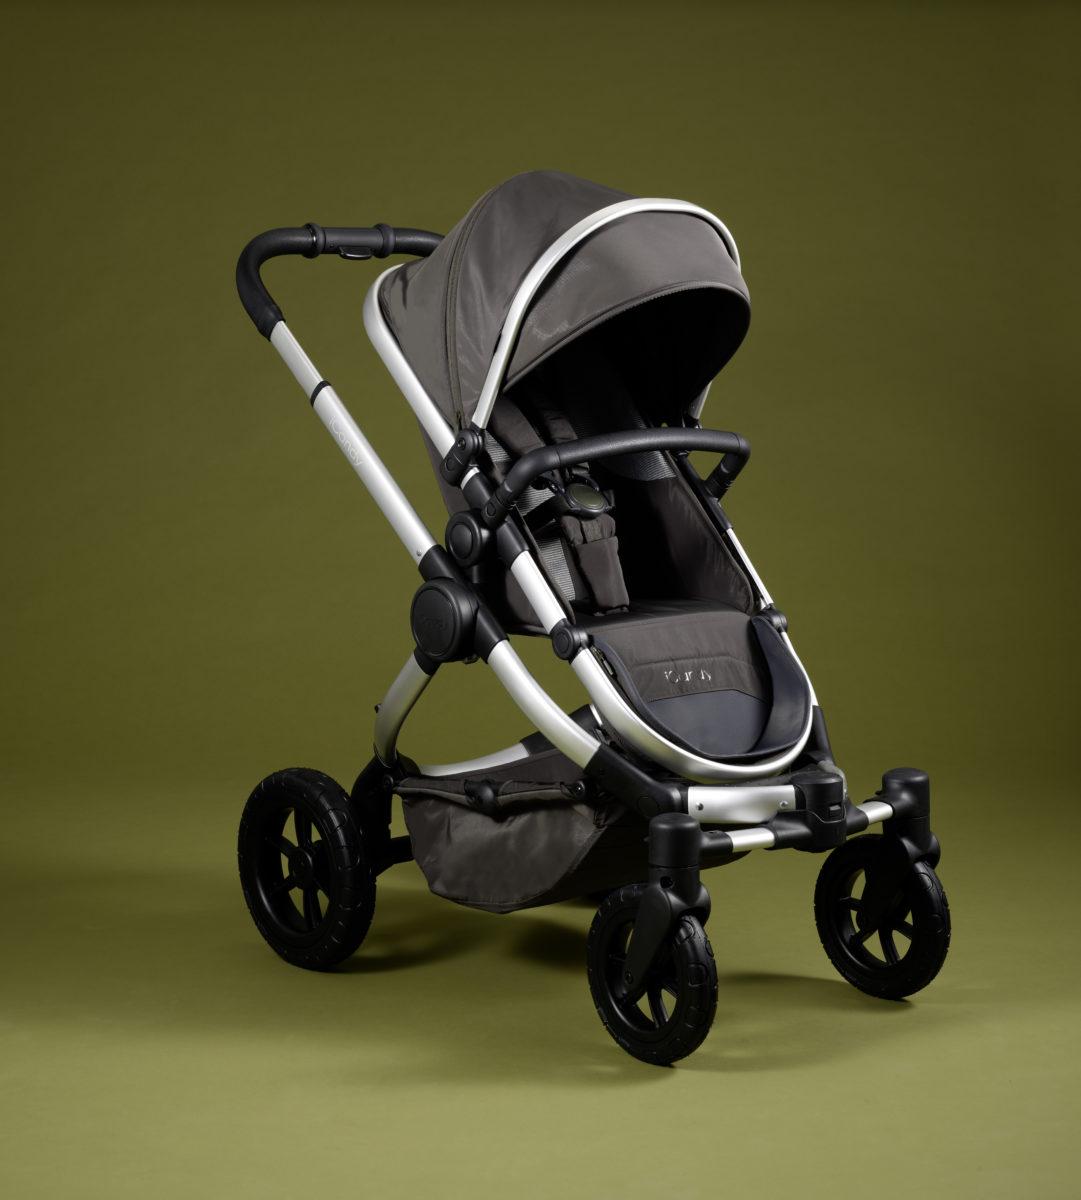 iCandy Peach All Terrain Seat Unit 4 wheels